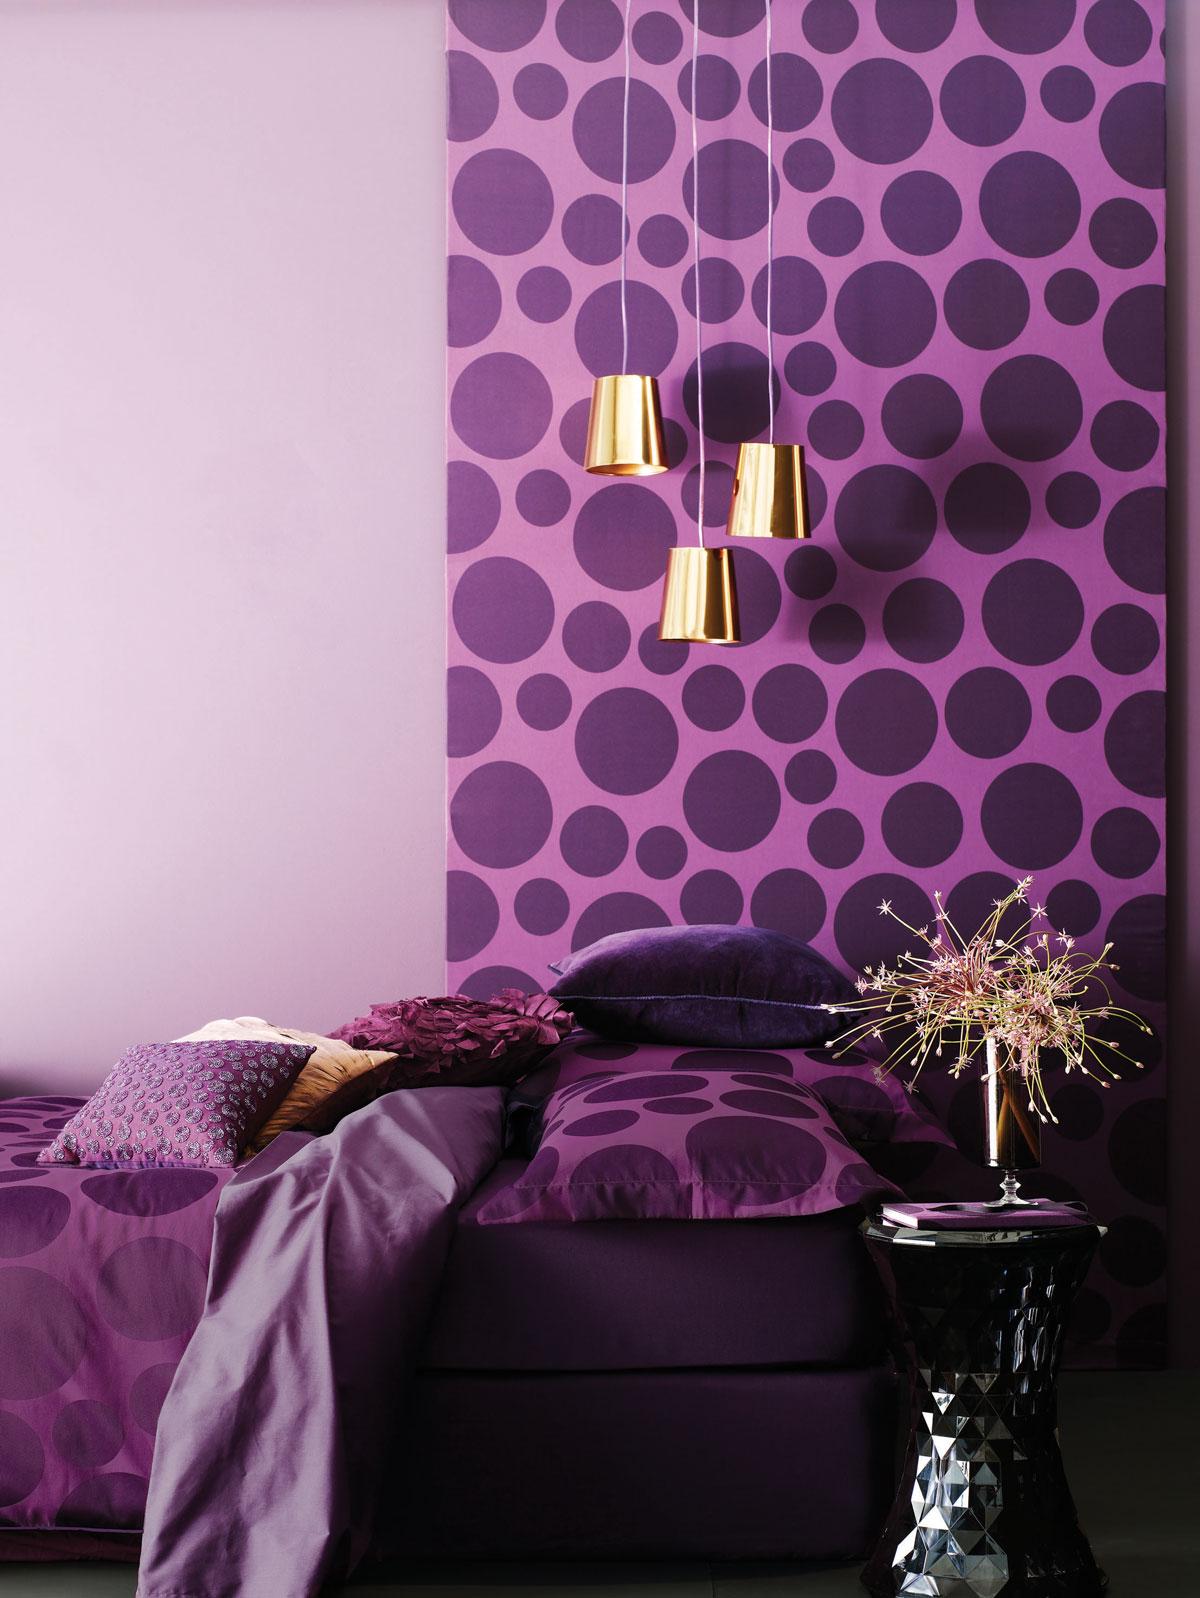 purple wallpaper for bedrooms 2015   Grasscloth Wallpaper 1200x1598